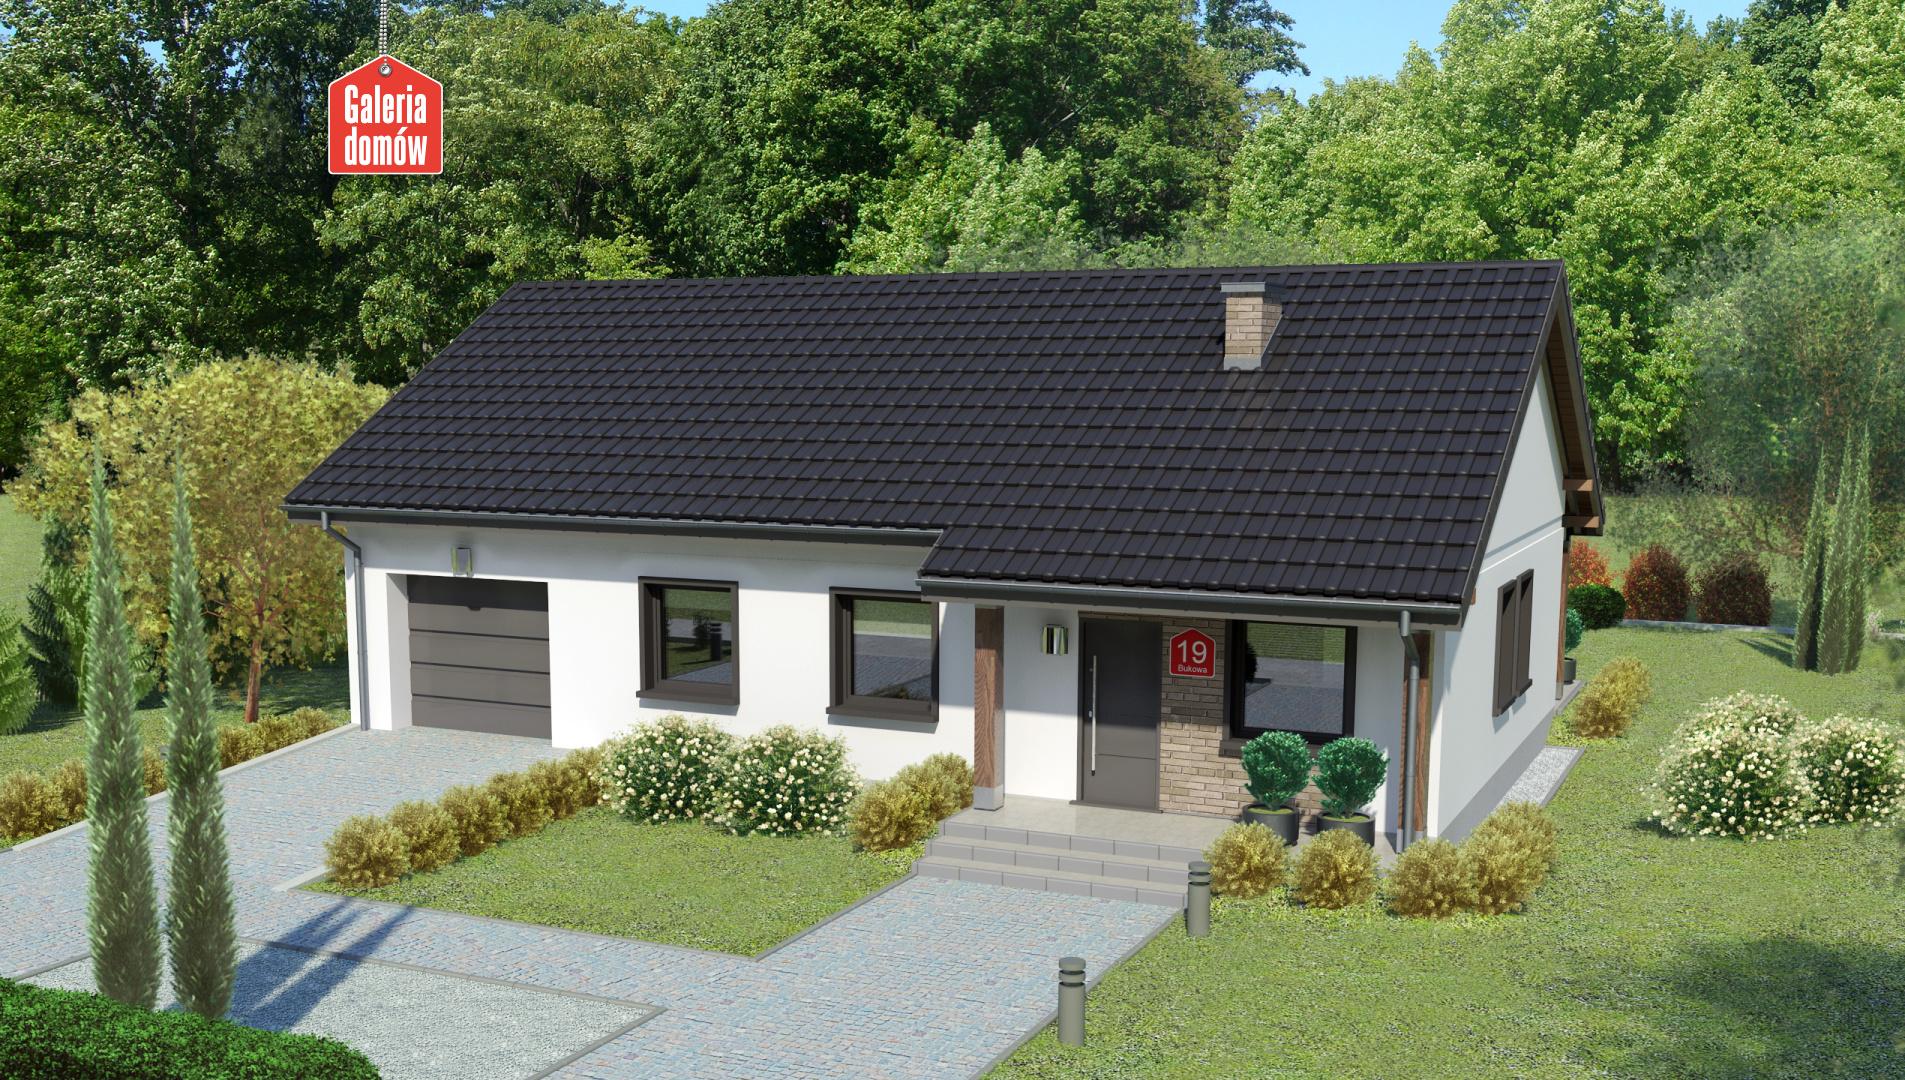 Dom przy Bukowej 19 - zdjęcie projektu i wizualizacja